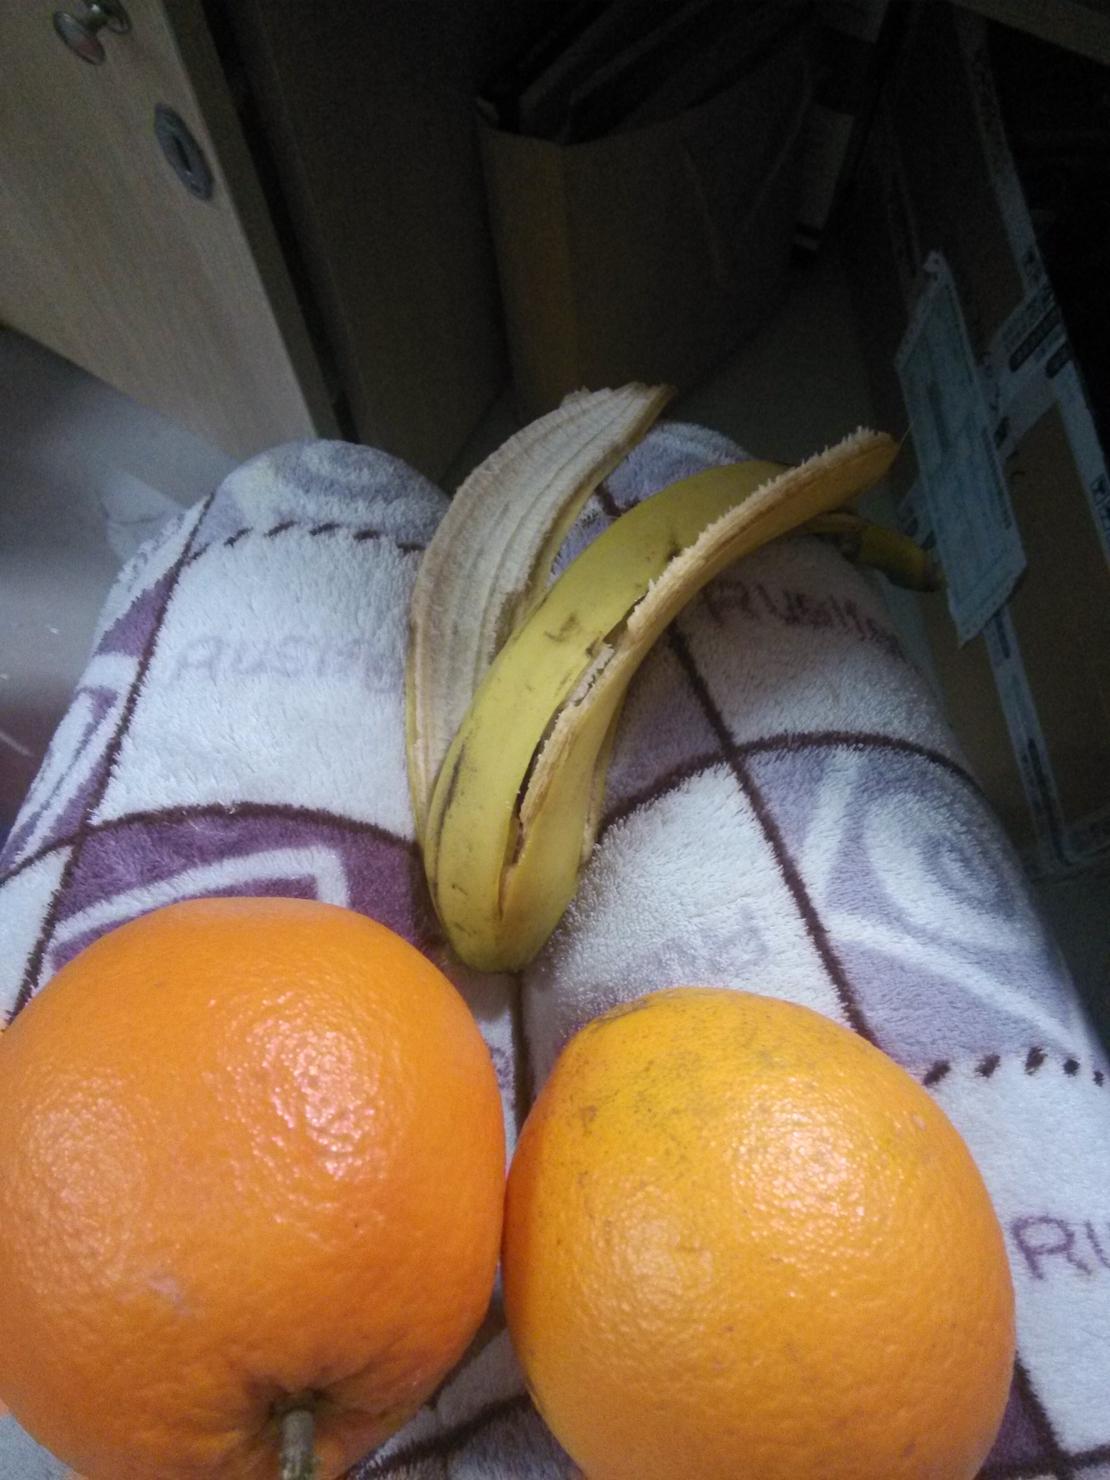 平安夜前夕舍友送的礼物~两个橙子一个香蕉,总是觉得哪里怪怪的。